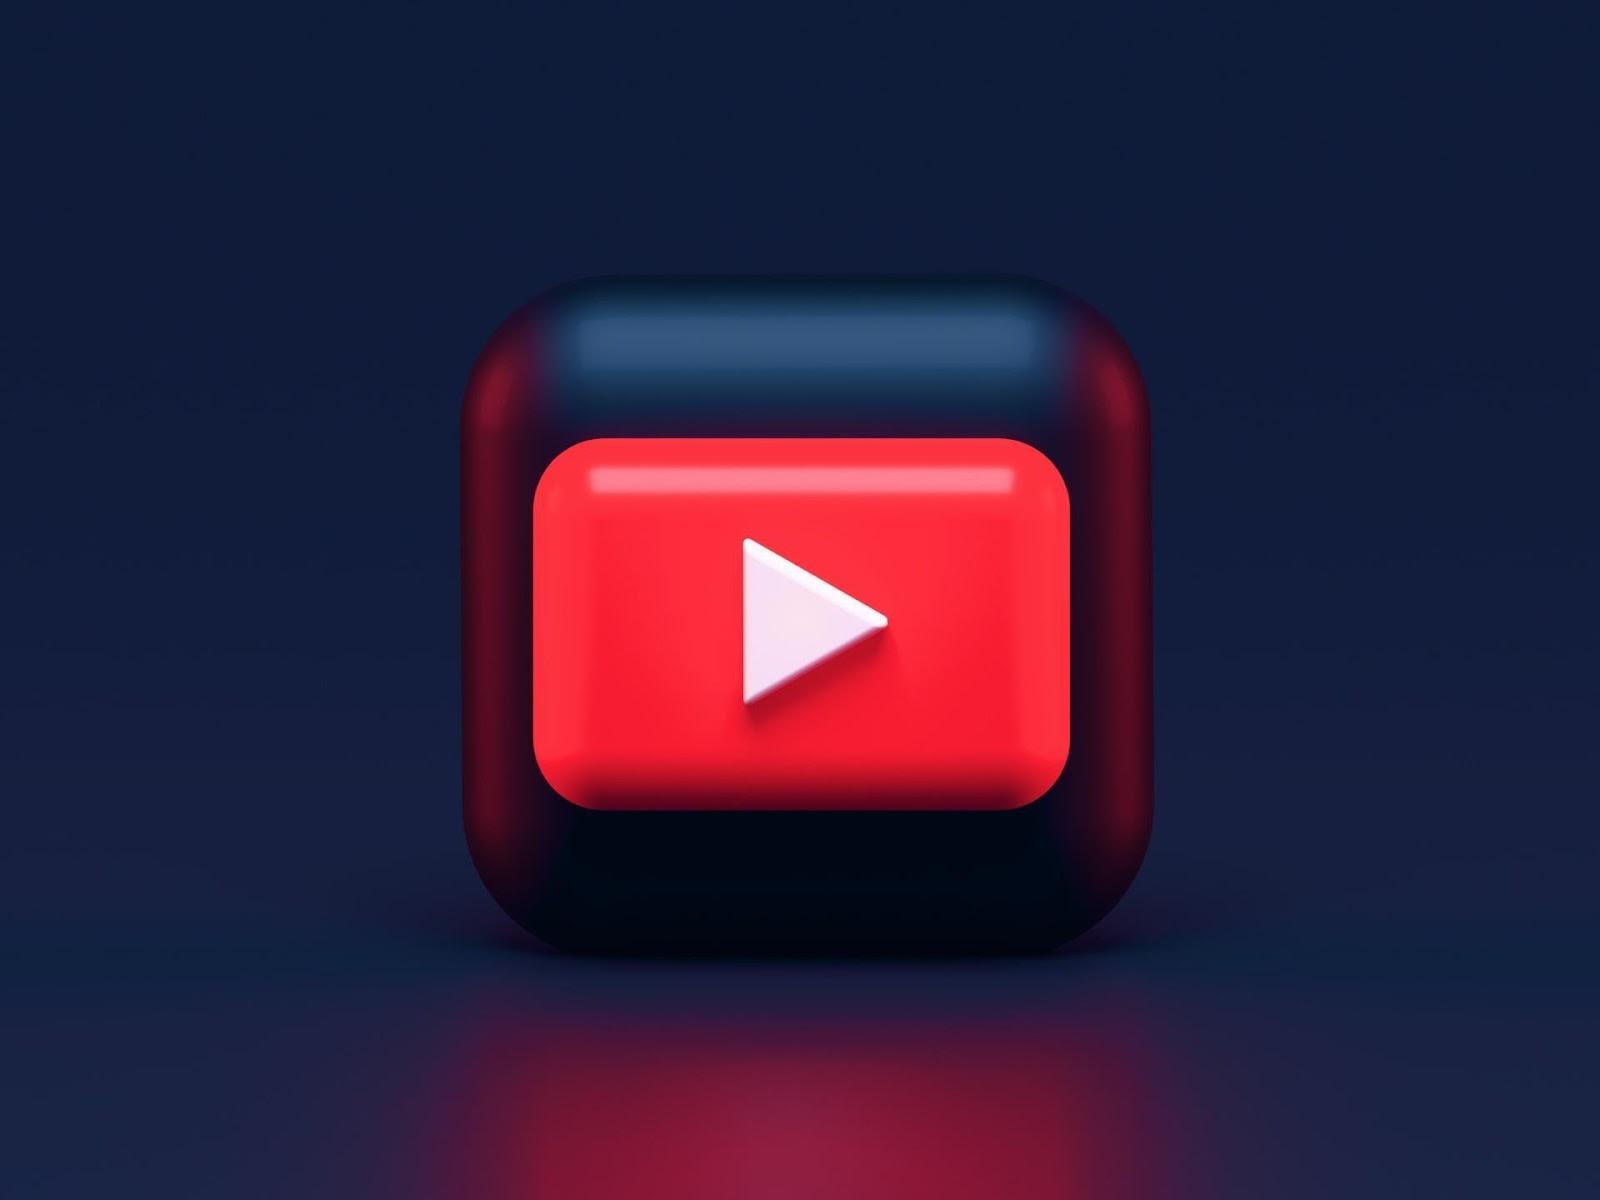 Um banner para Youtube é essencial para fortalecer a identidade da marca e diferenciar o canal dos concorrentes. E, alguns softwares facilitam sua criação.